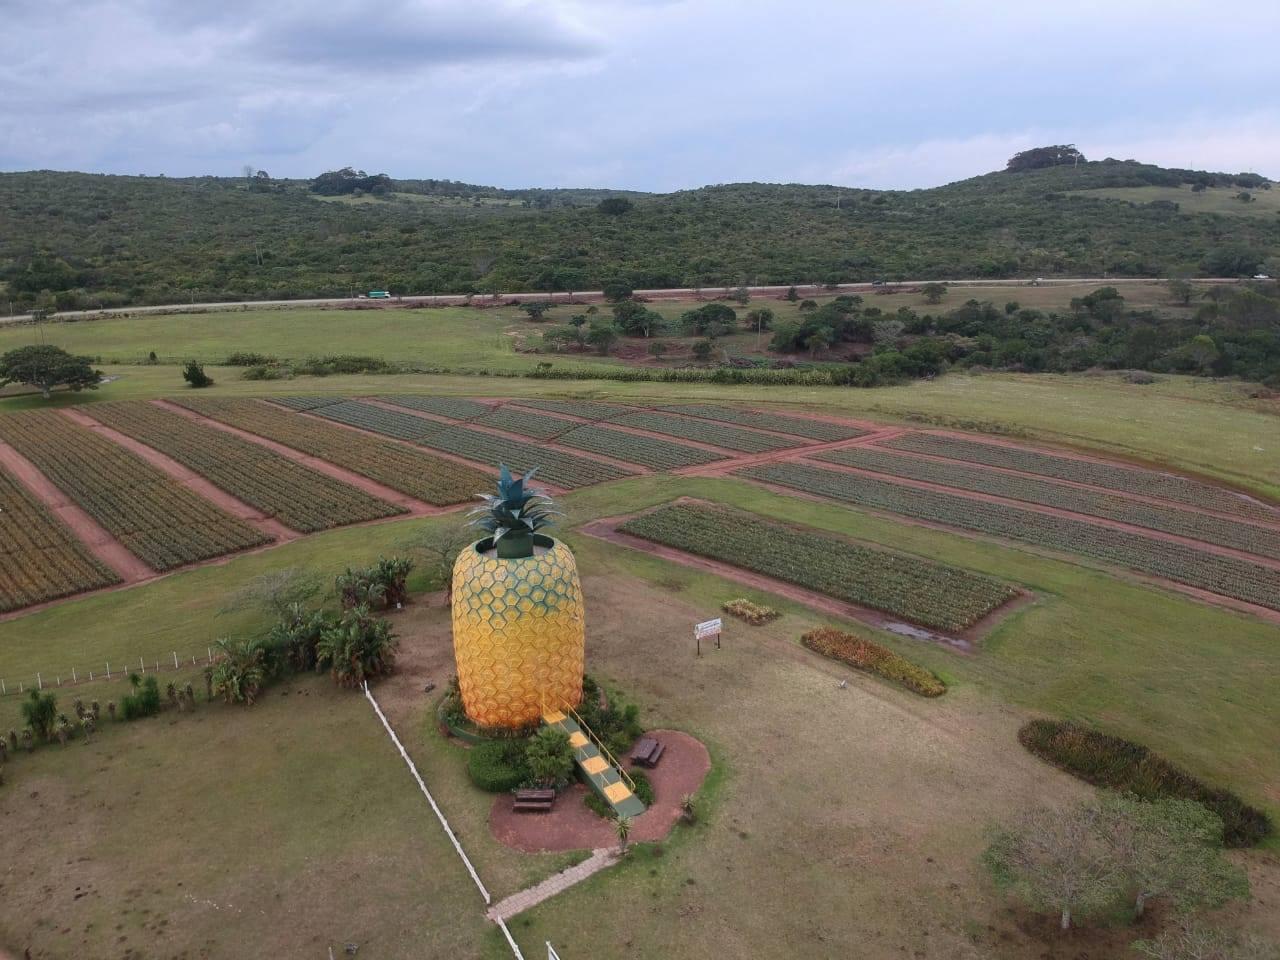 האננס הגדול (Bathurst, דרום אפריקה)